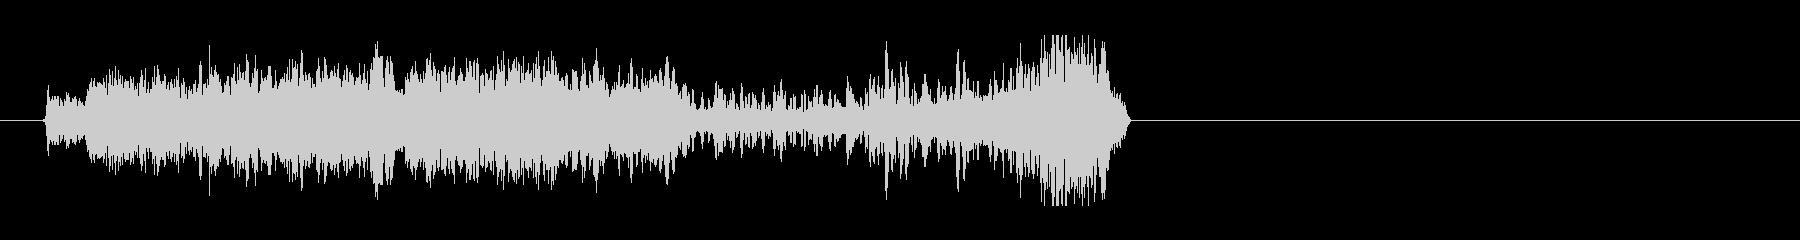 ハイクオリティなFMラジオジングルの未再生の波形